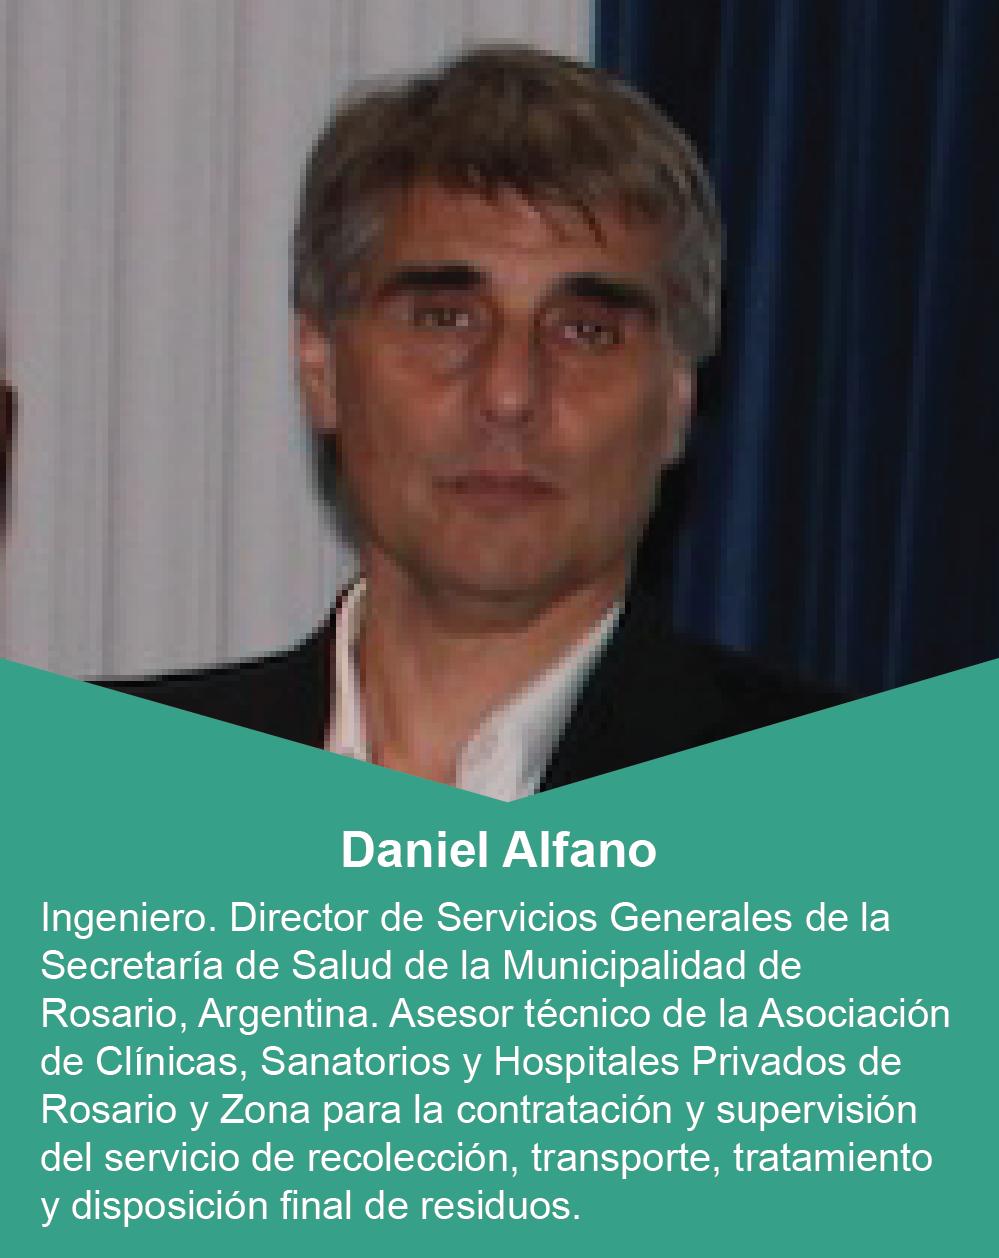 Daniel Alfano